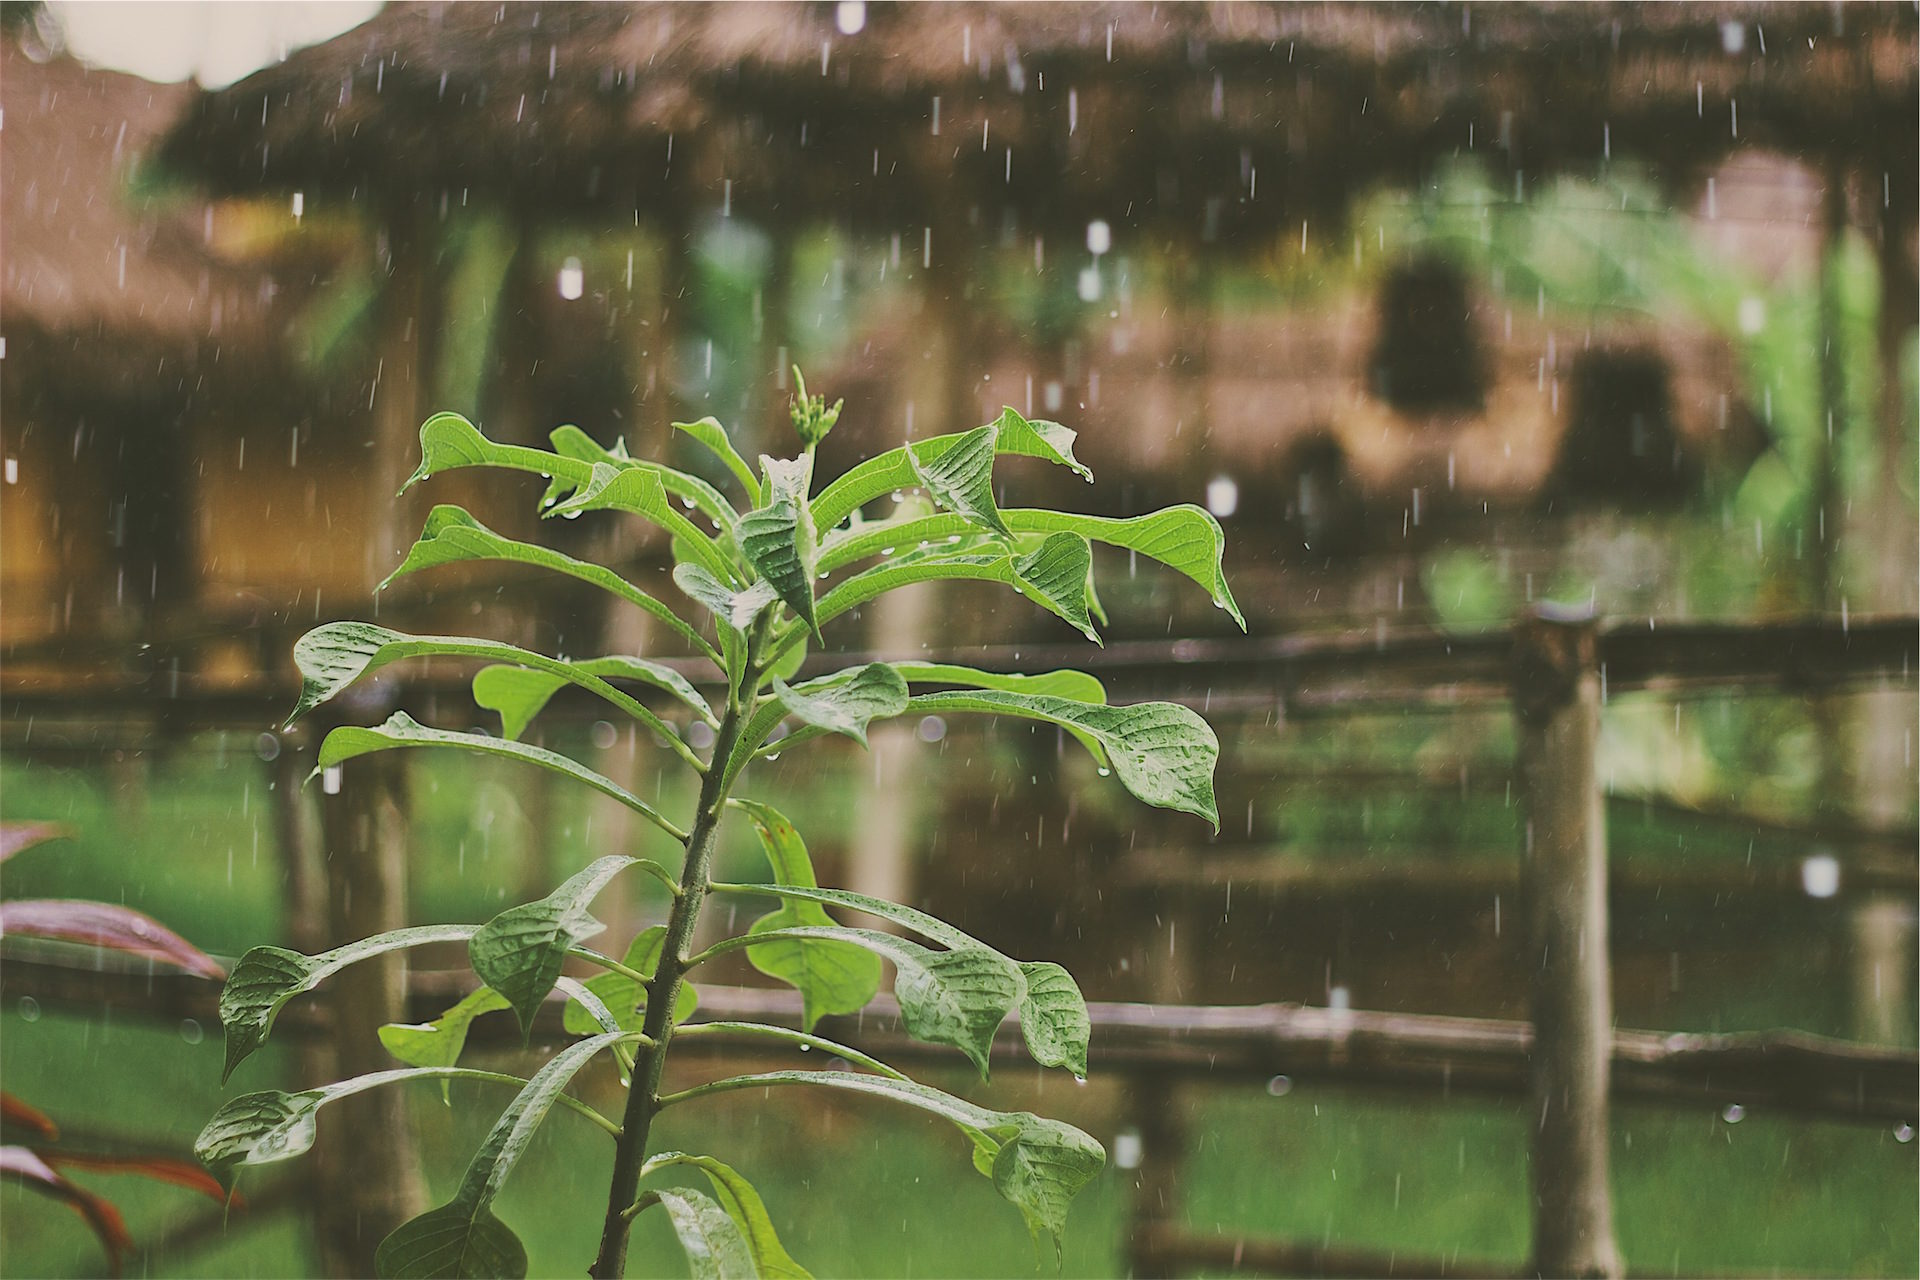 ισόγειο, βροχή, στέλεχος, νερό, επιβίωση - Wallpapers HD - Professor-falken.com